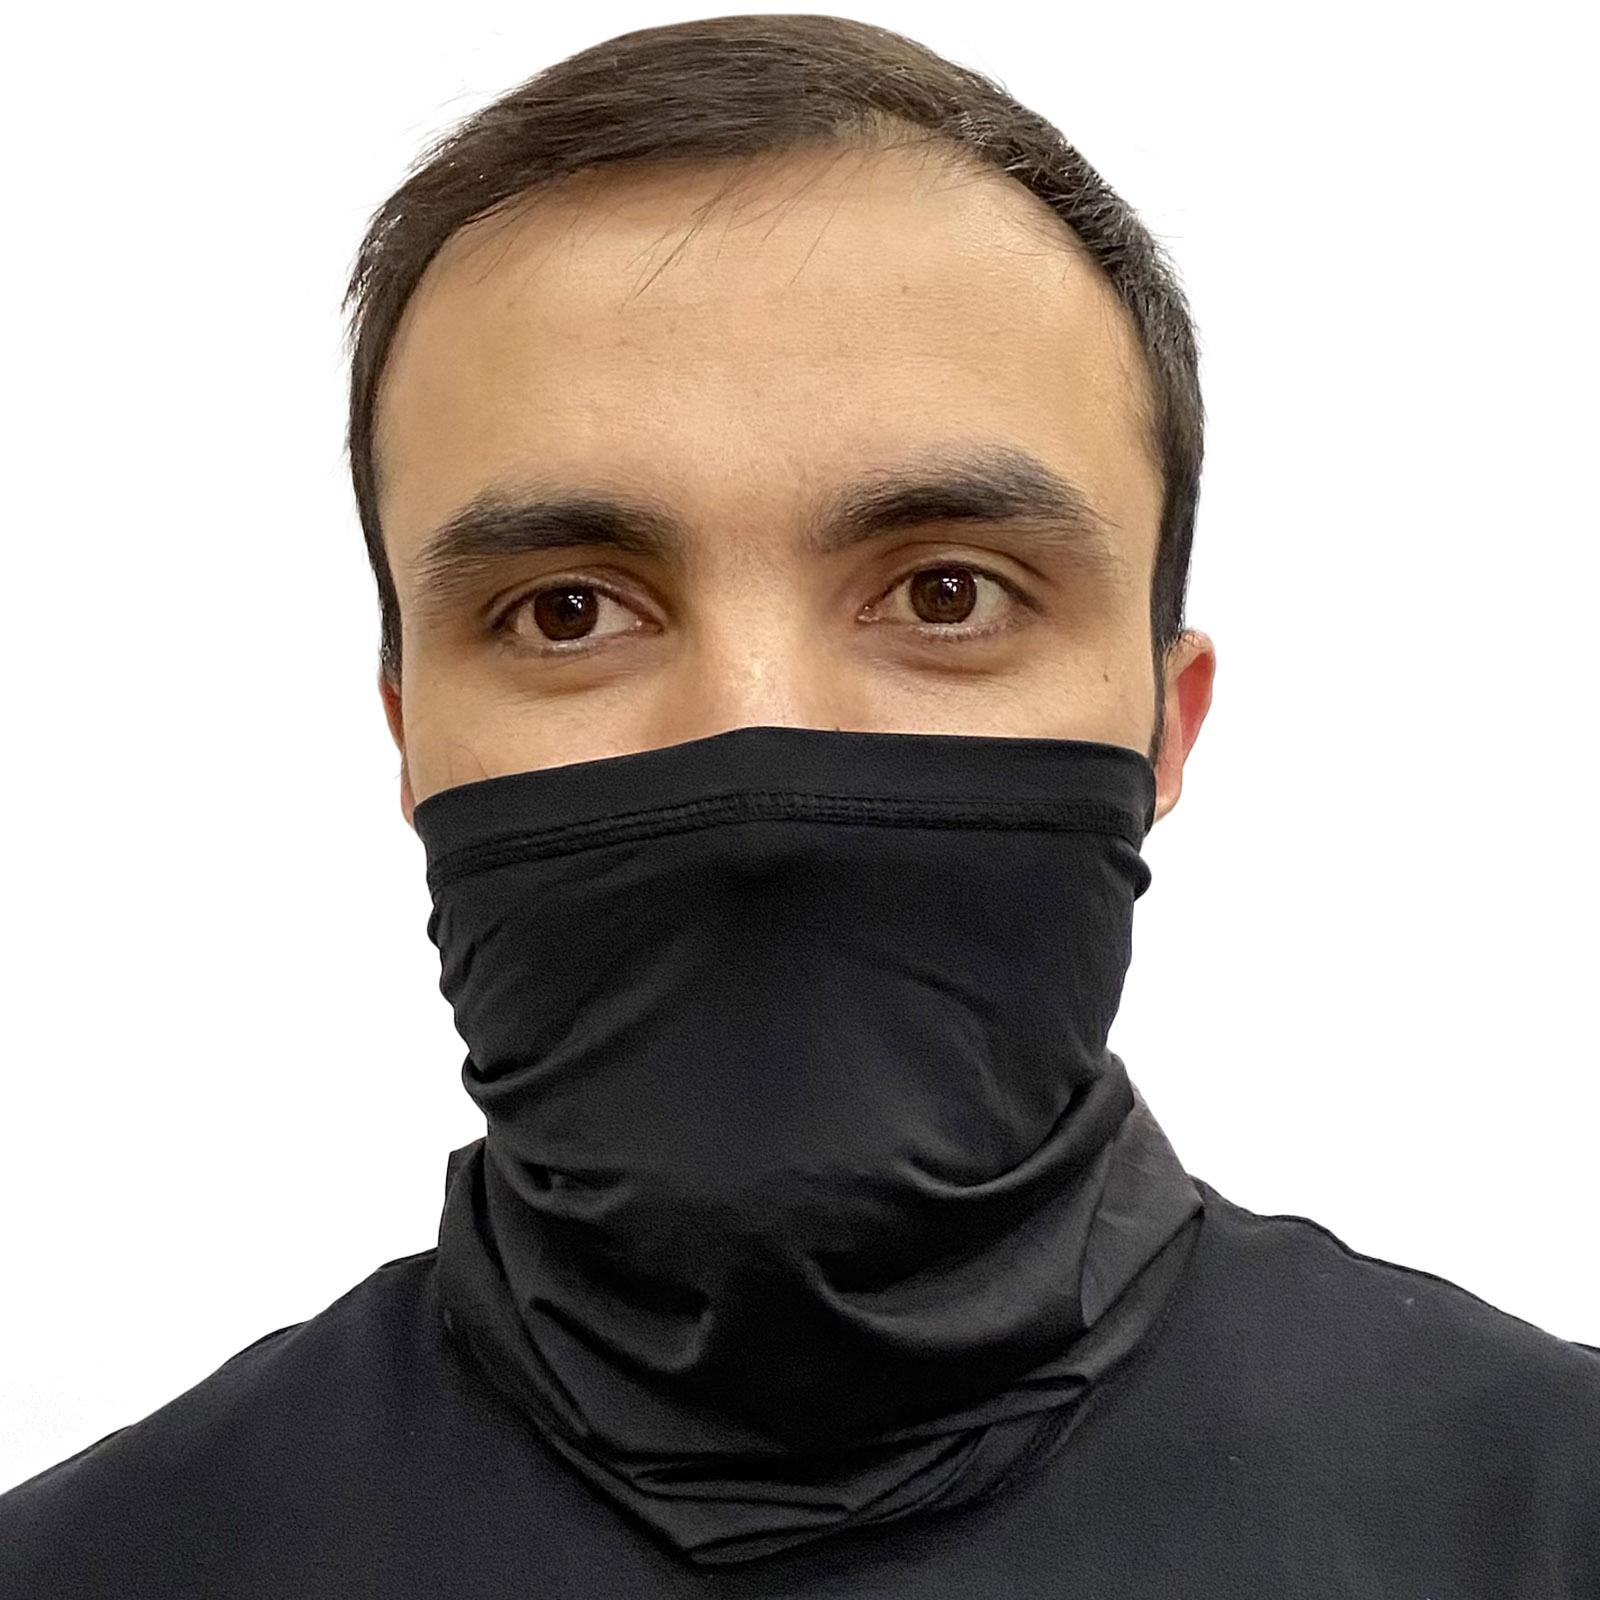 Заказать онлайн маску бафф для лица